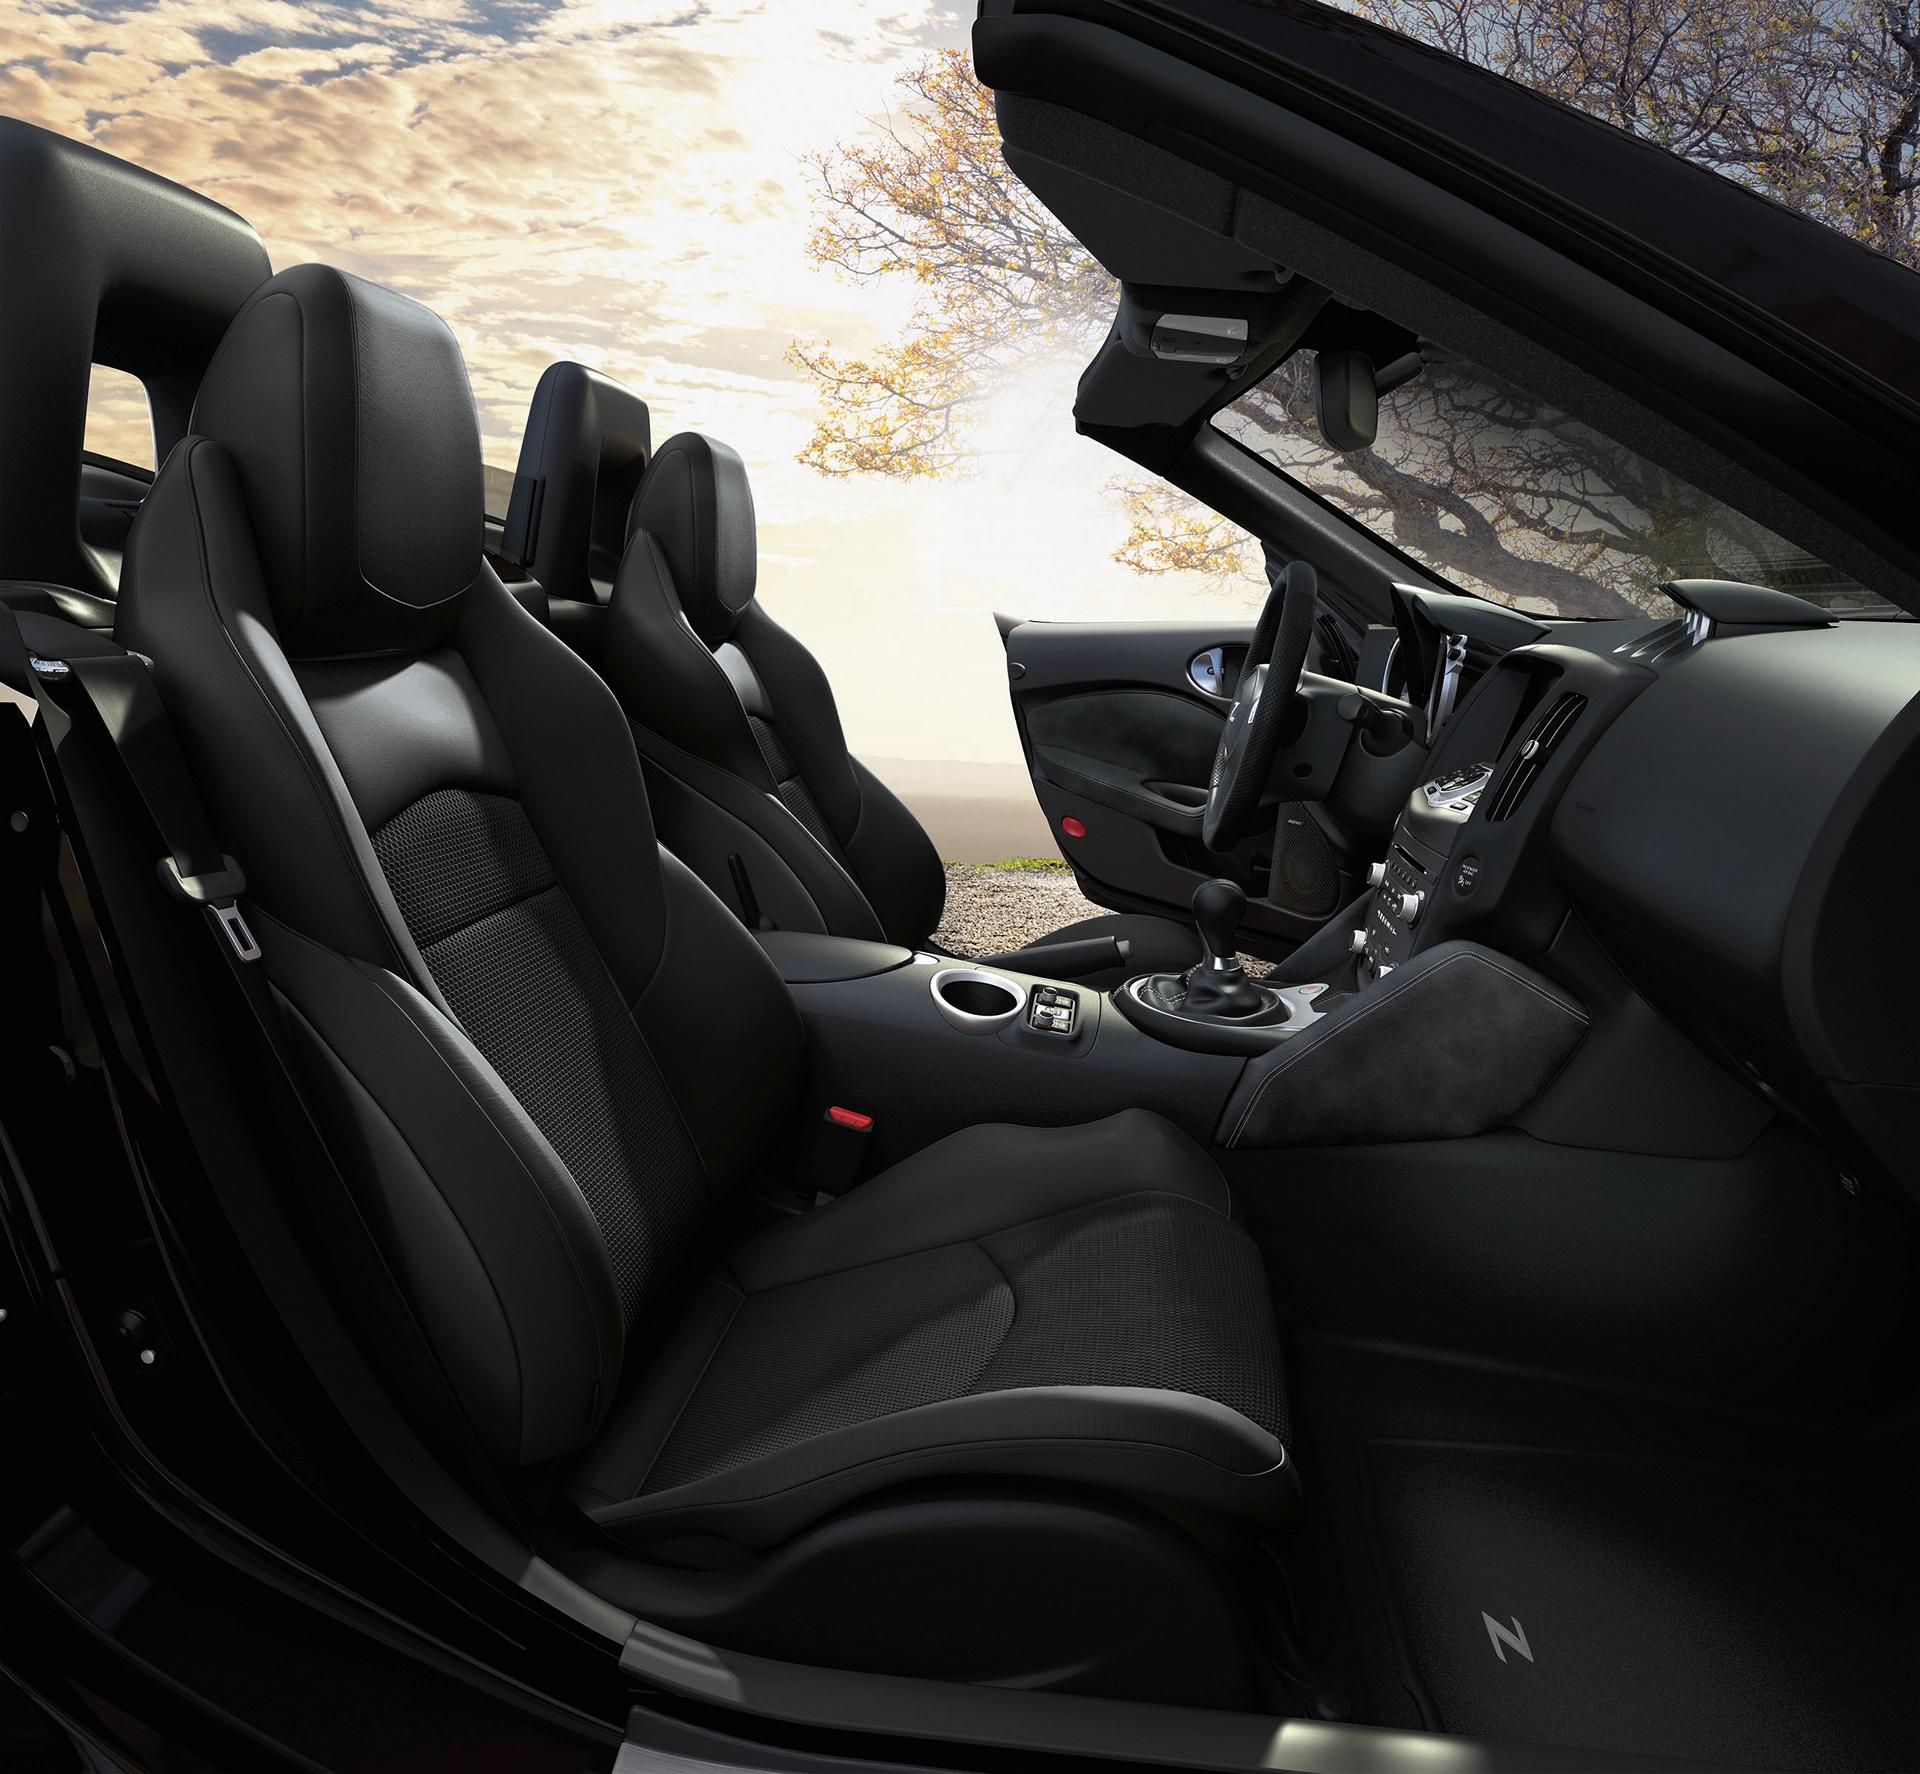 2017 Nissan 370Z Roadster © Nissan Motor Co., Ltd.